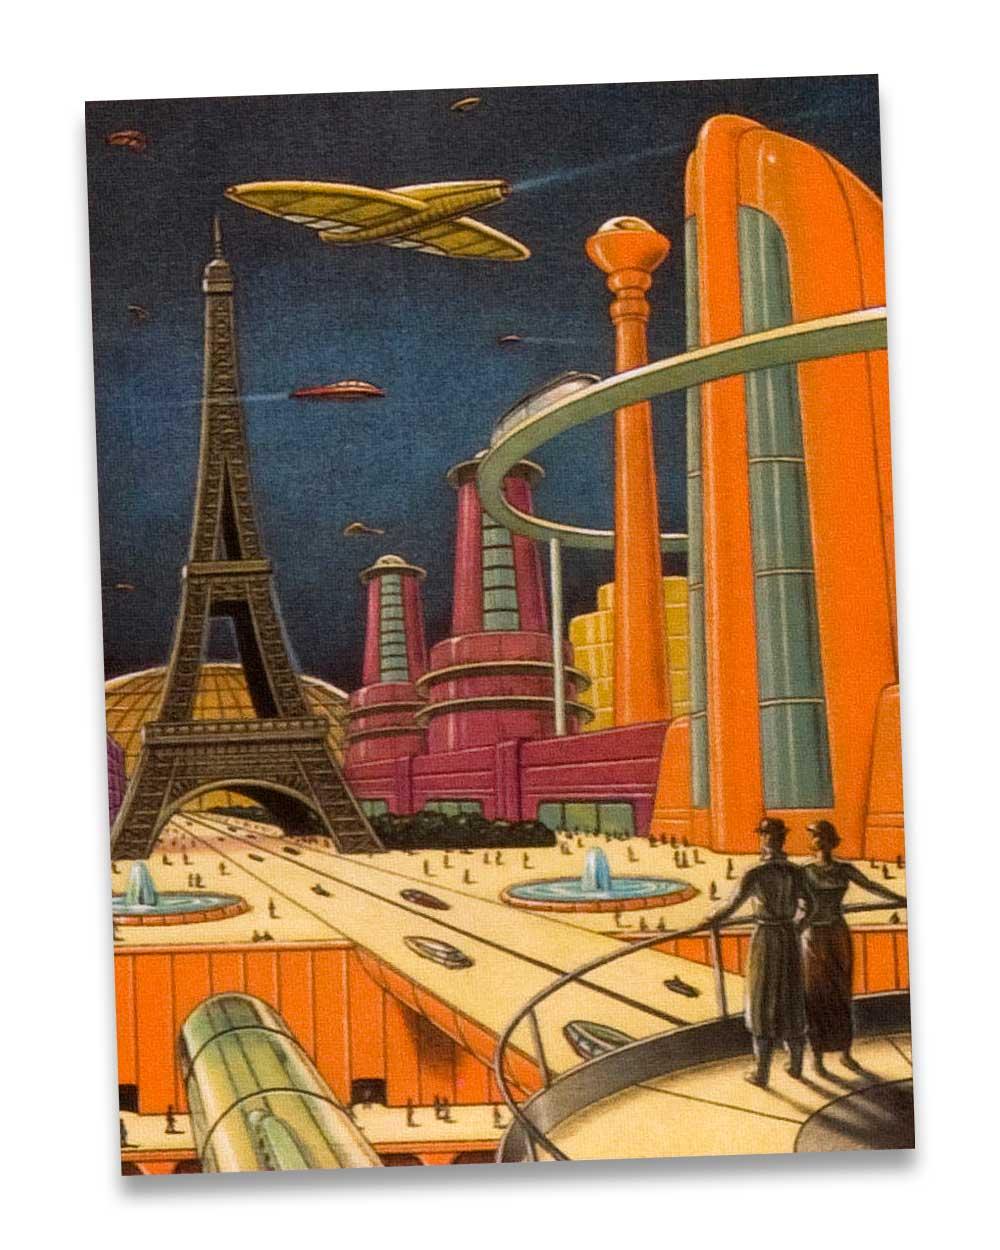 Atompunk retro futurism aesthetic: Paris in 20th Century